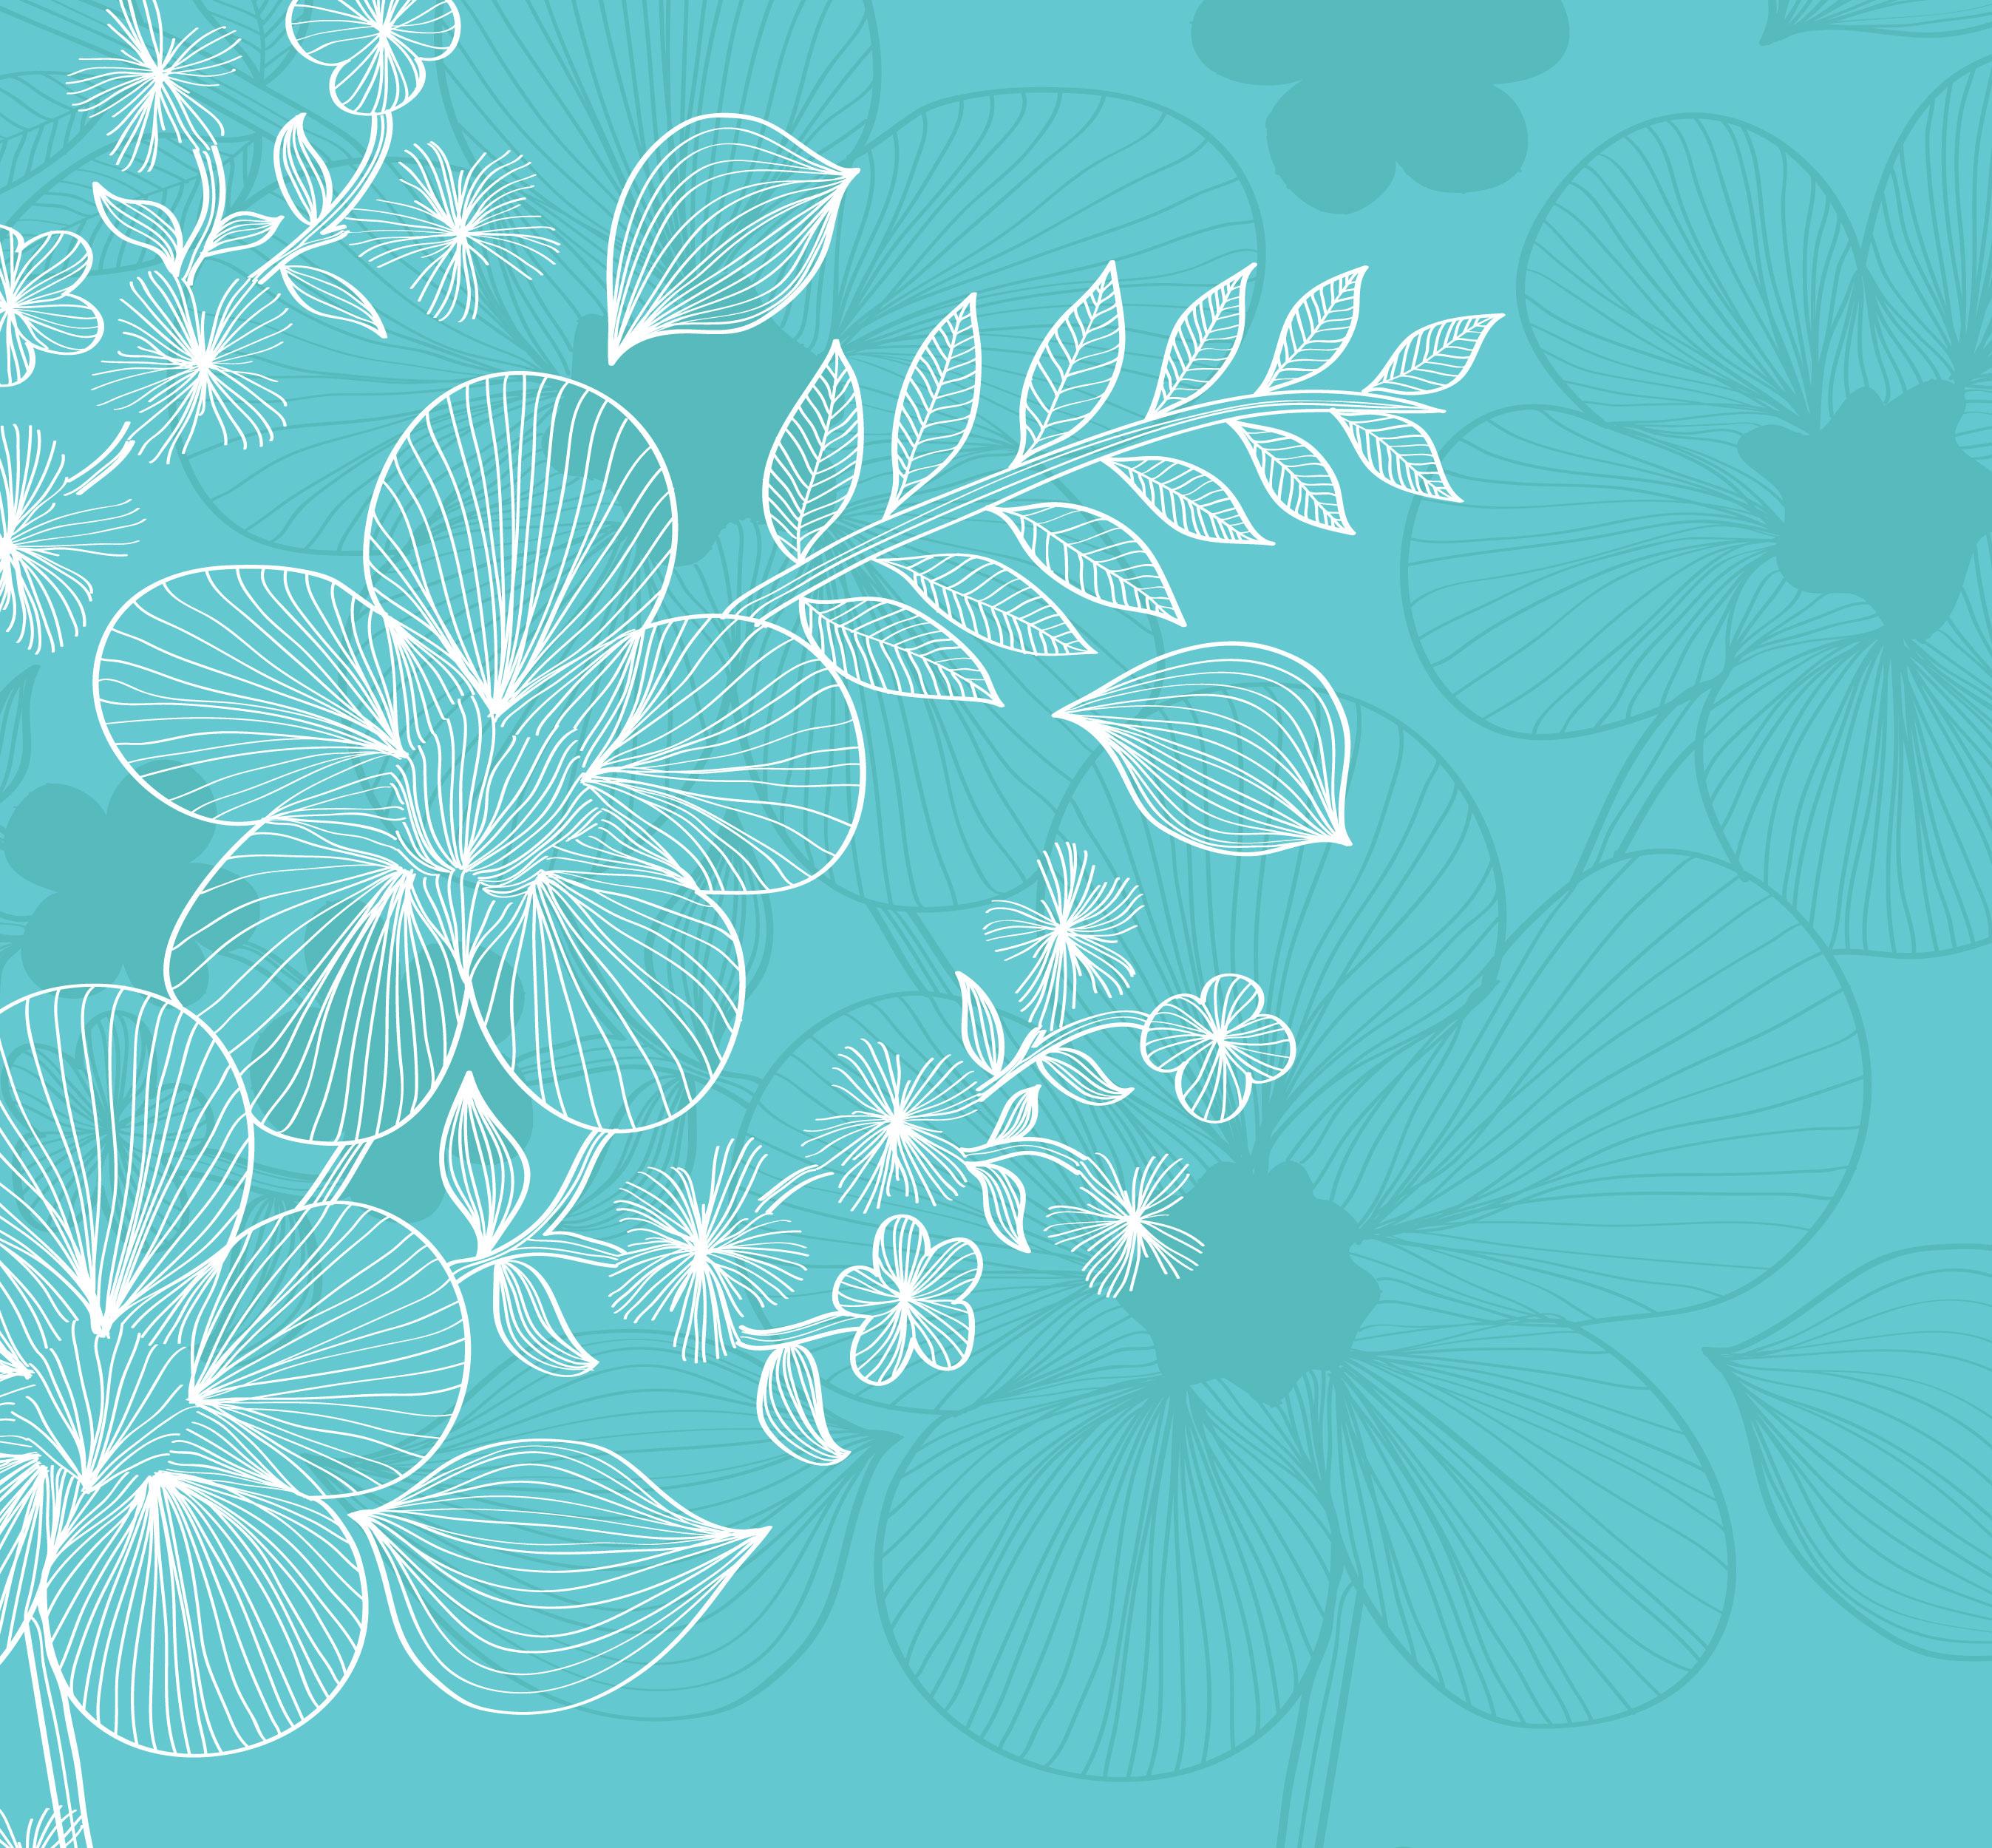 花のイラスト フリー素材 壁紙 背景no 669 青 白抜き シルエット